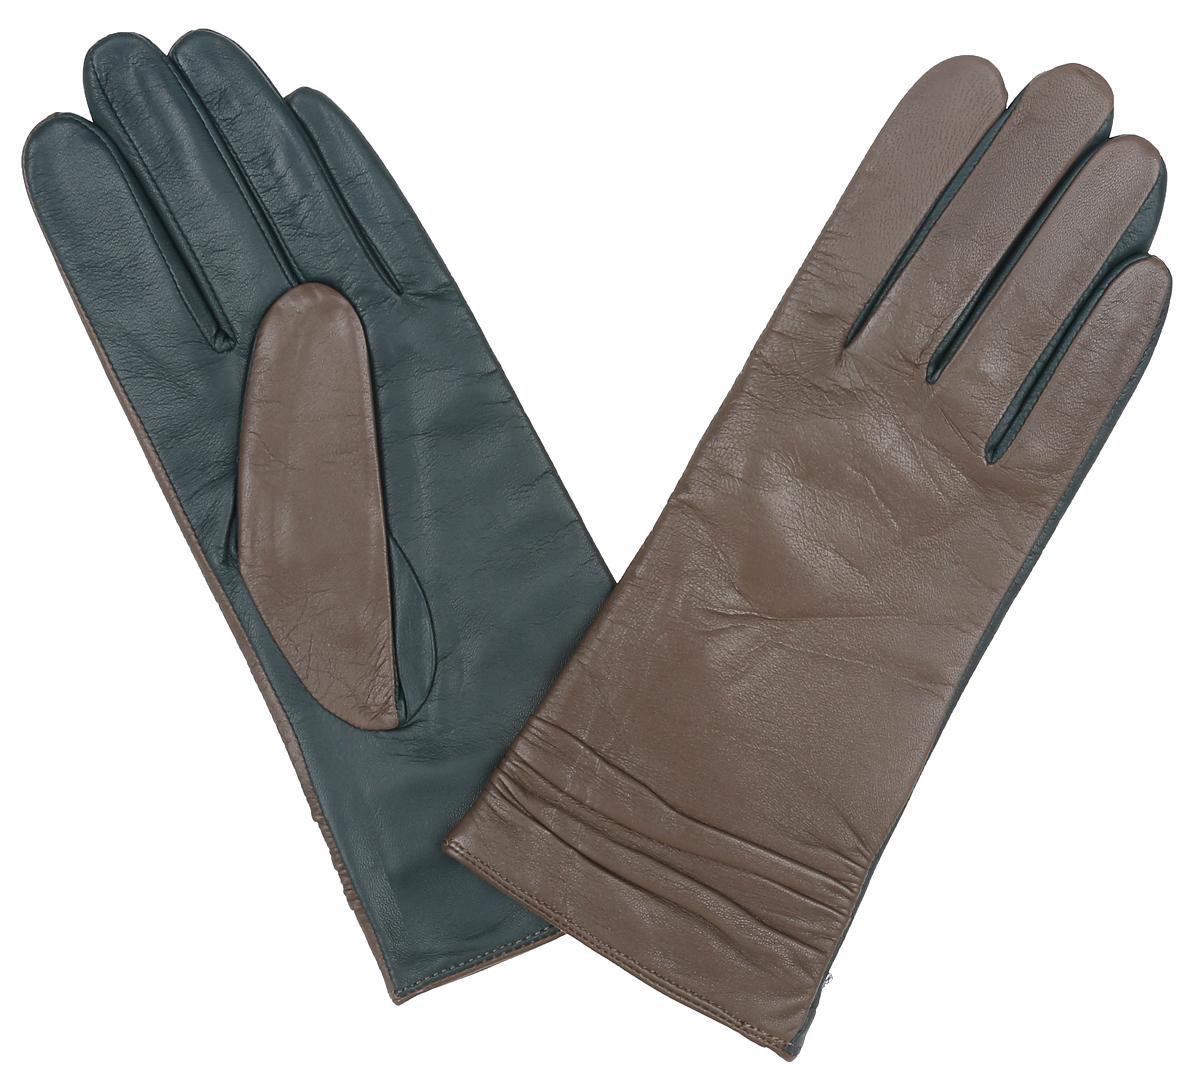 ПерчаткиLB-8338Классические женские перчатки Labbra не только защитят ваши руки, но и станут великолепным украшением. Перчатки выполнены из чрезвычайно мягкой и приятной на ощупь натуральной кожи ягненка, а их подкладка - из натуральной шерсти с добавлением акрила. Отделка - комбинирование контрастных цветов кожи. Модель декорирована сборкой по всей длине манжеты. В настоящее время перчатки являются неотъемлемой принадлежностью одежды, вместе с этим аксессуаром вы обретаете женственность и элегантность. Перчатки станут завершающим и подчеркивающим элементом вашего стиля и неповторимости.